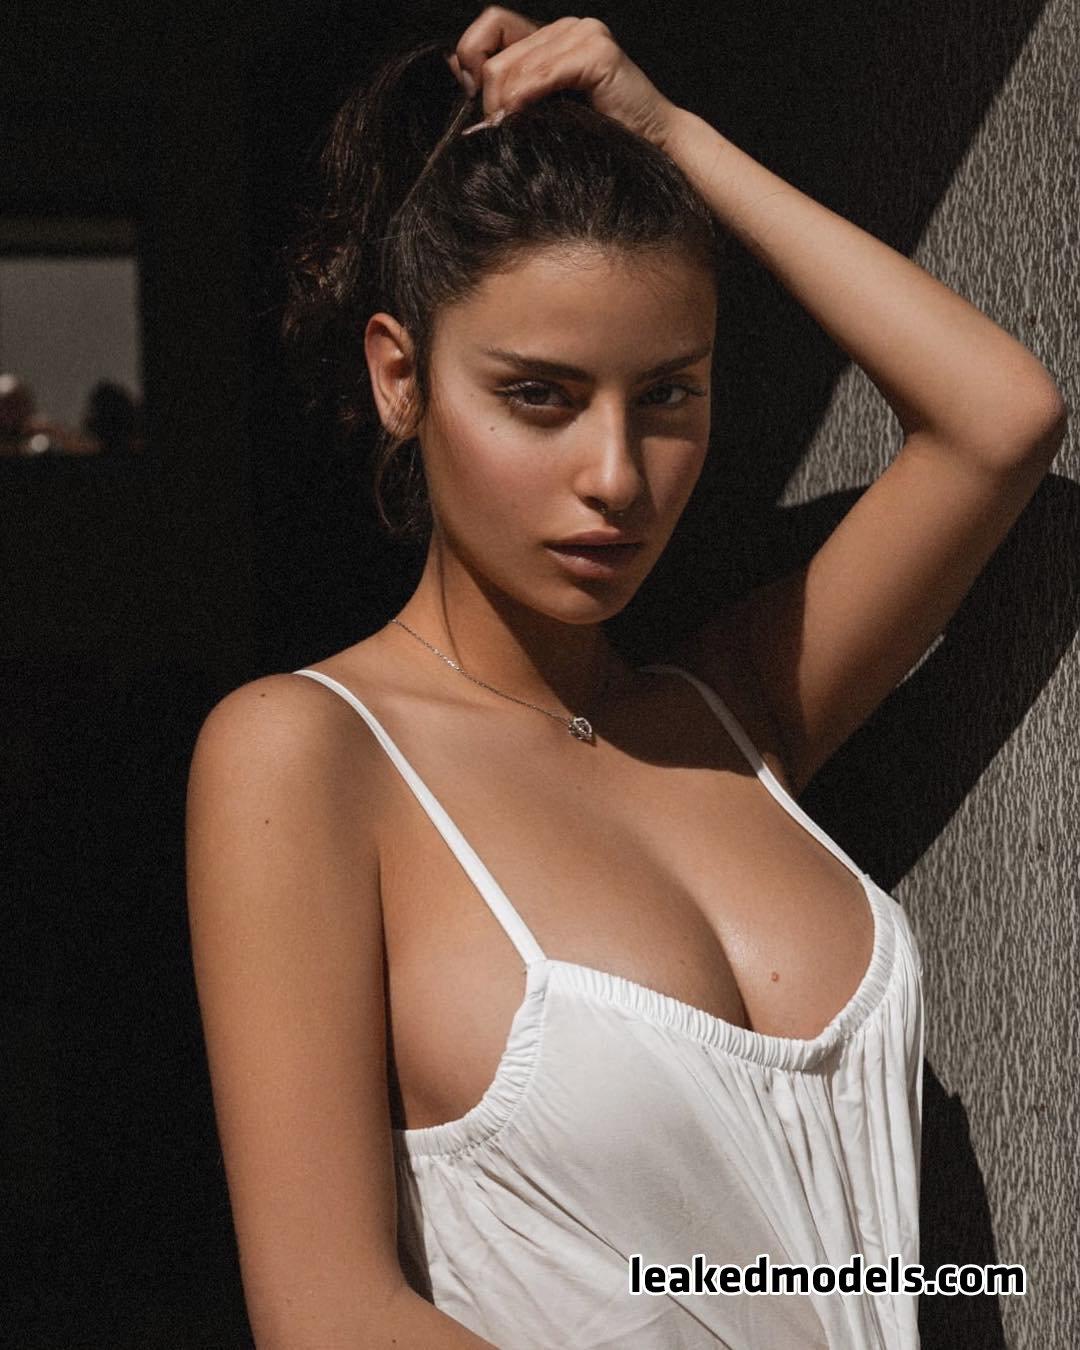 tal adar leaked nude leakedmodels.com 0026 - Tal Adar – _taladar Instagram Sexy Leaks (27 Photos)